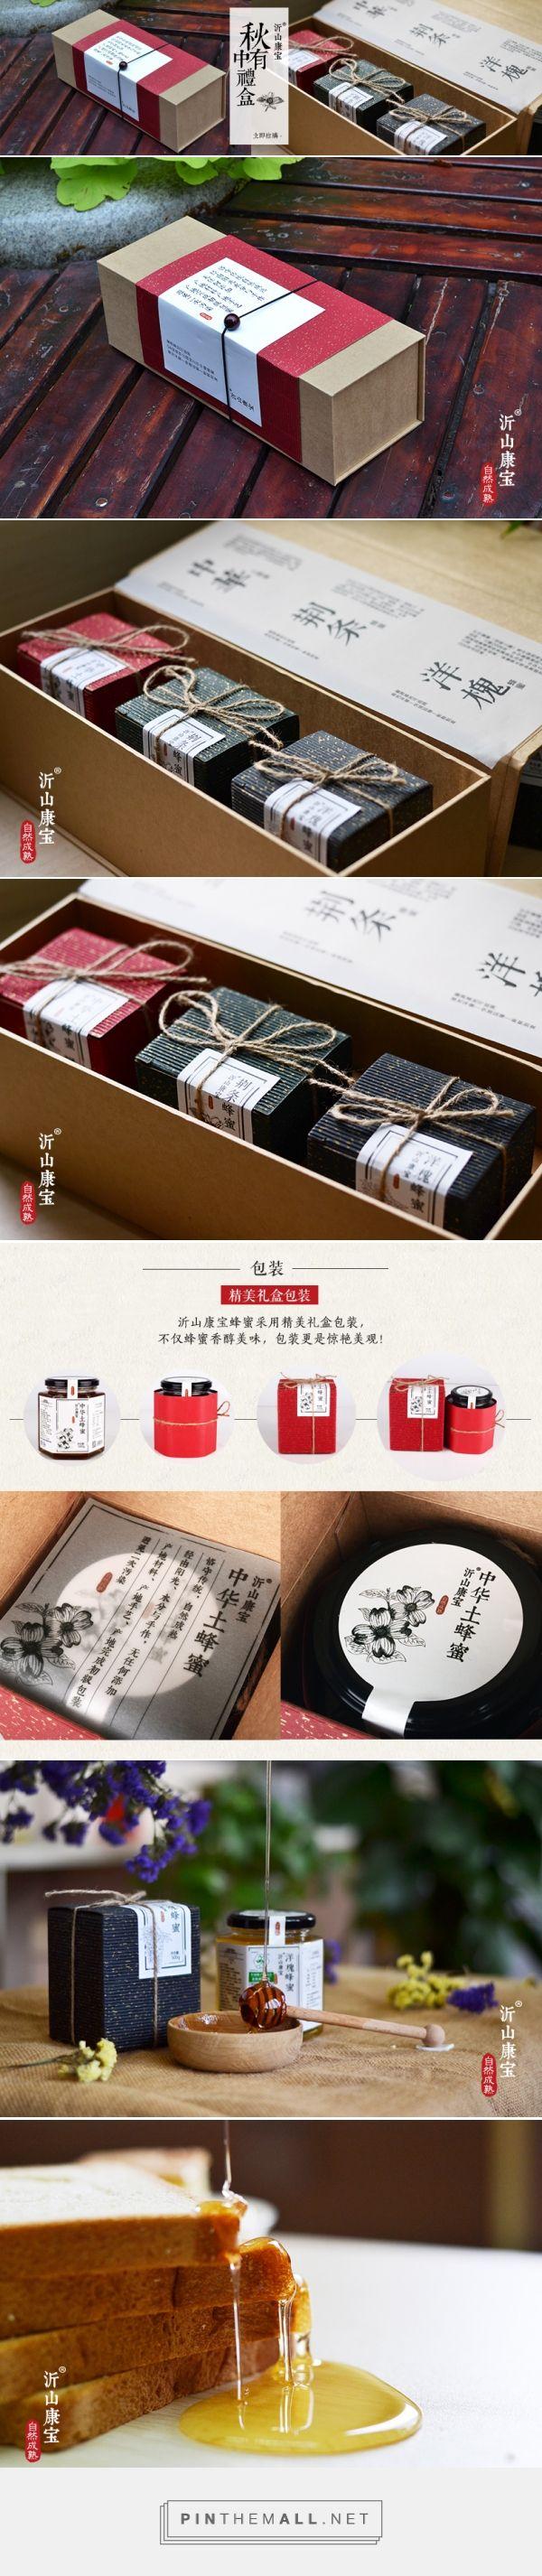 蜂蜜礼盒|包装|平面|23个月钱 - 原创设计作品 - 站酷 (ZCOOL) - created via http://pinthemall.net